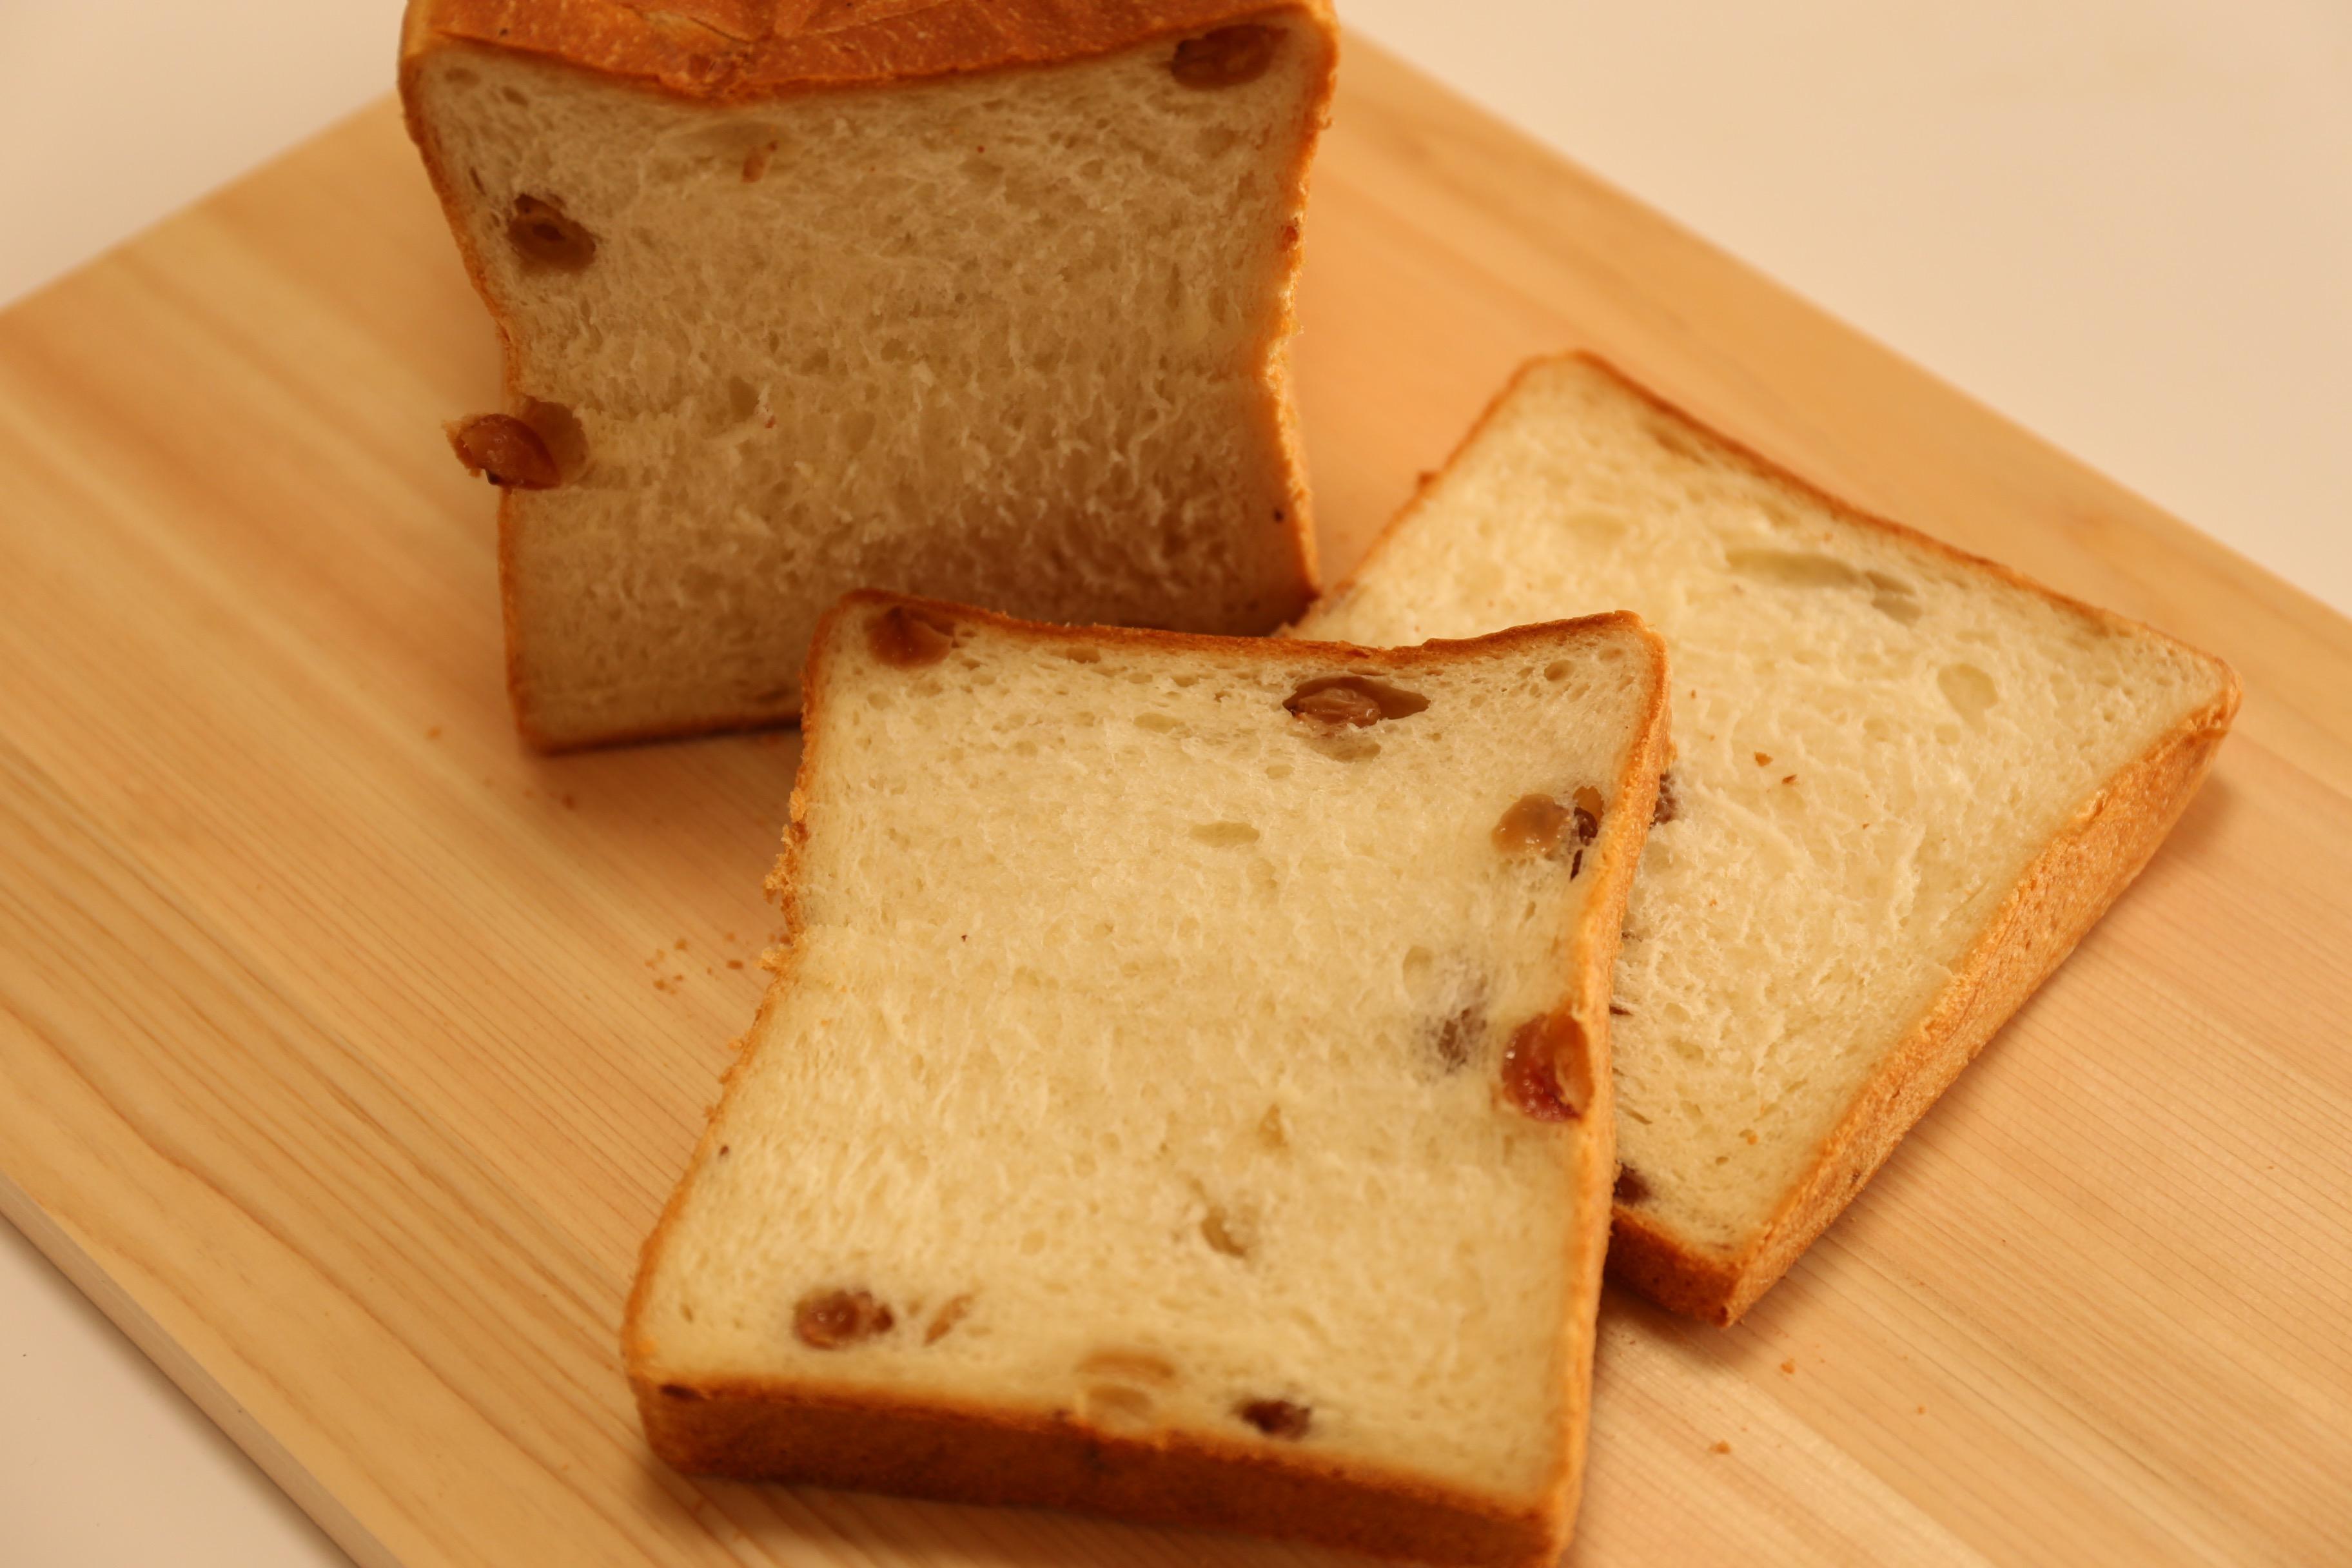 マスカット食パンのぶどうがジューシー!高級食パン フルール・ドゥ・リュクスさん